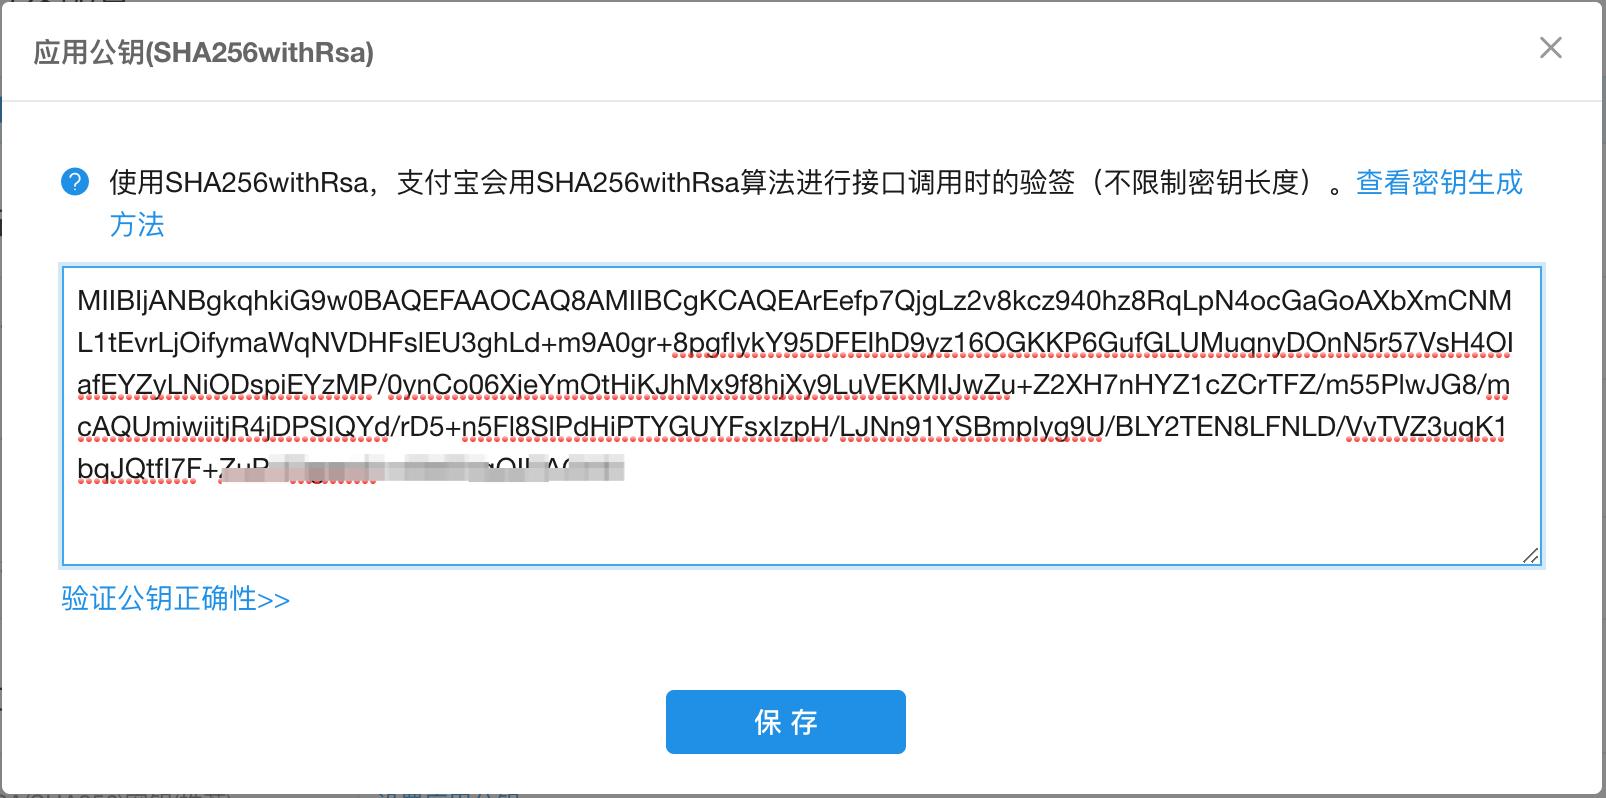 上传应用公钥并获取支付宝公钥12.png